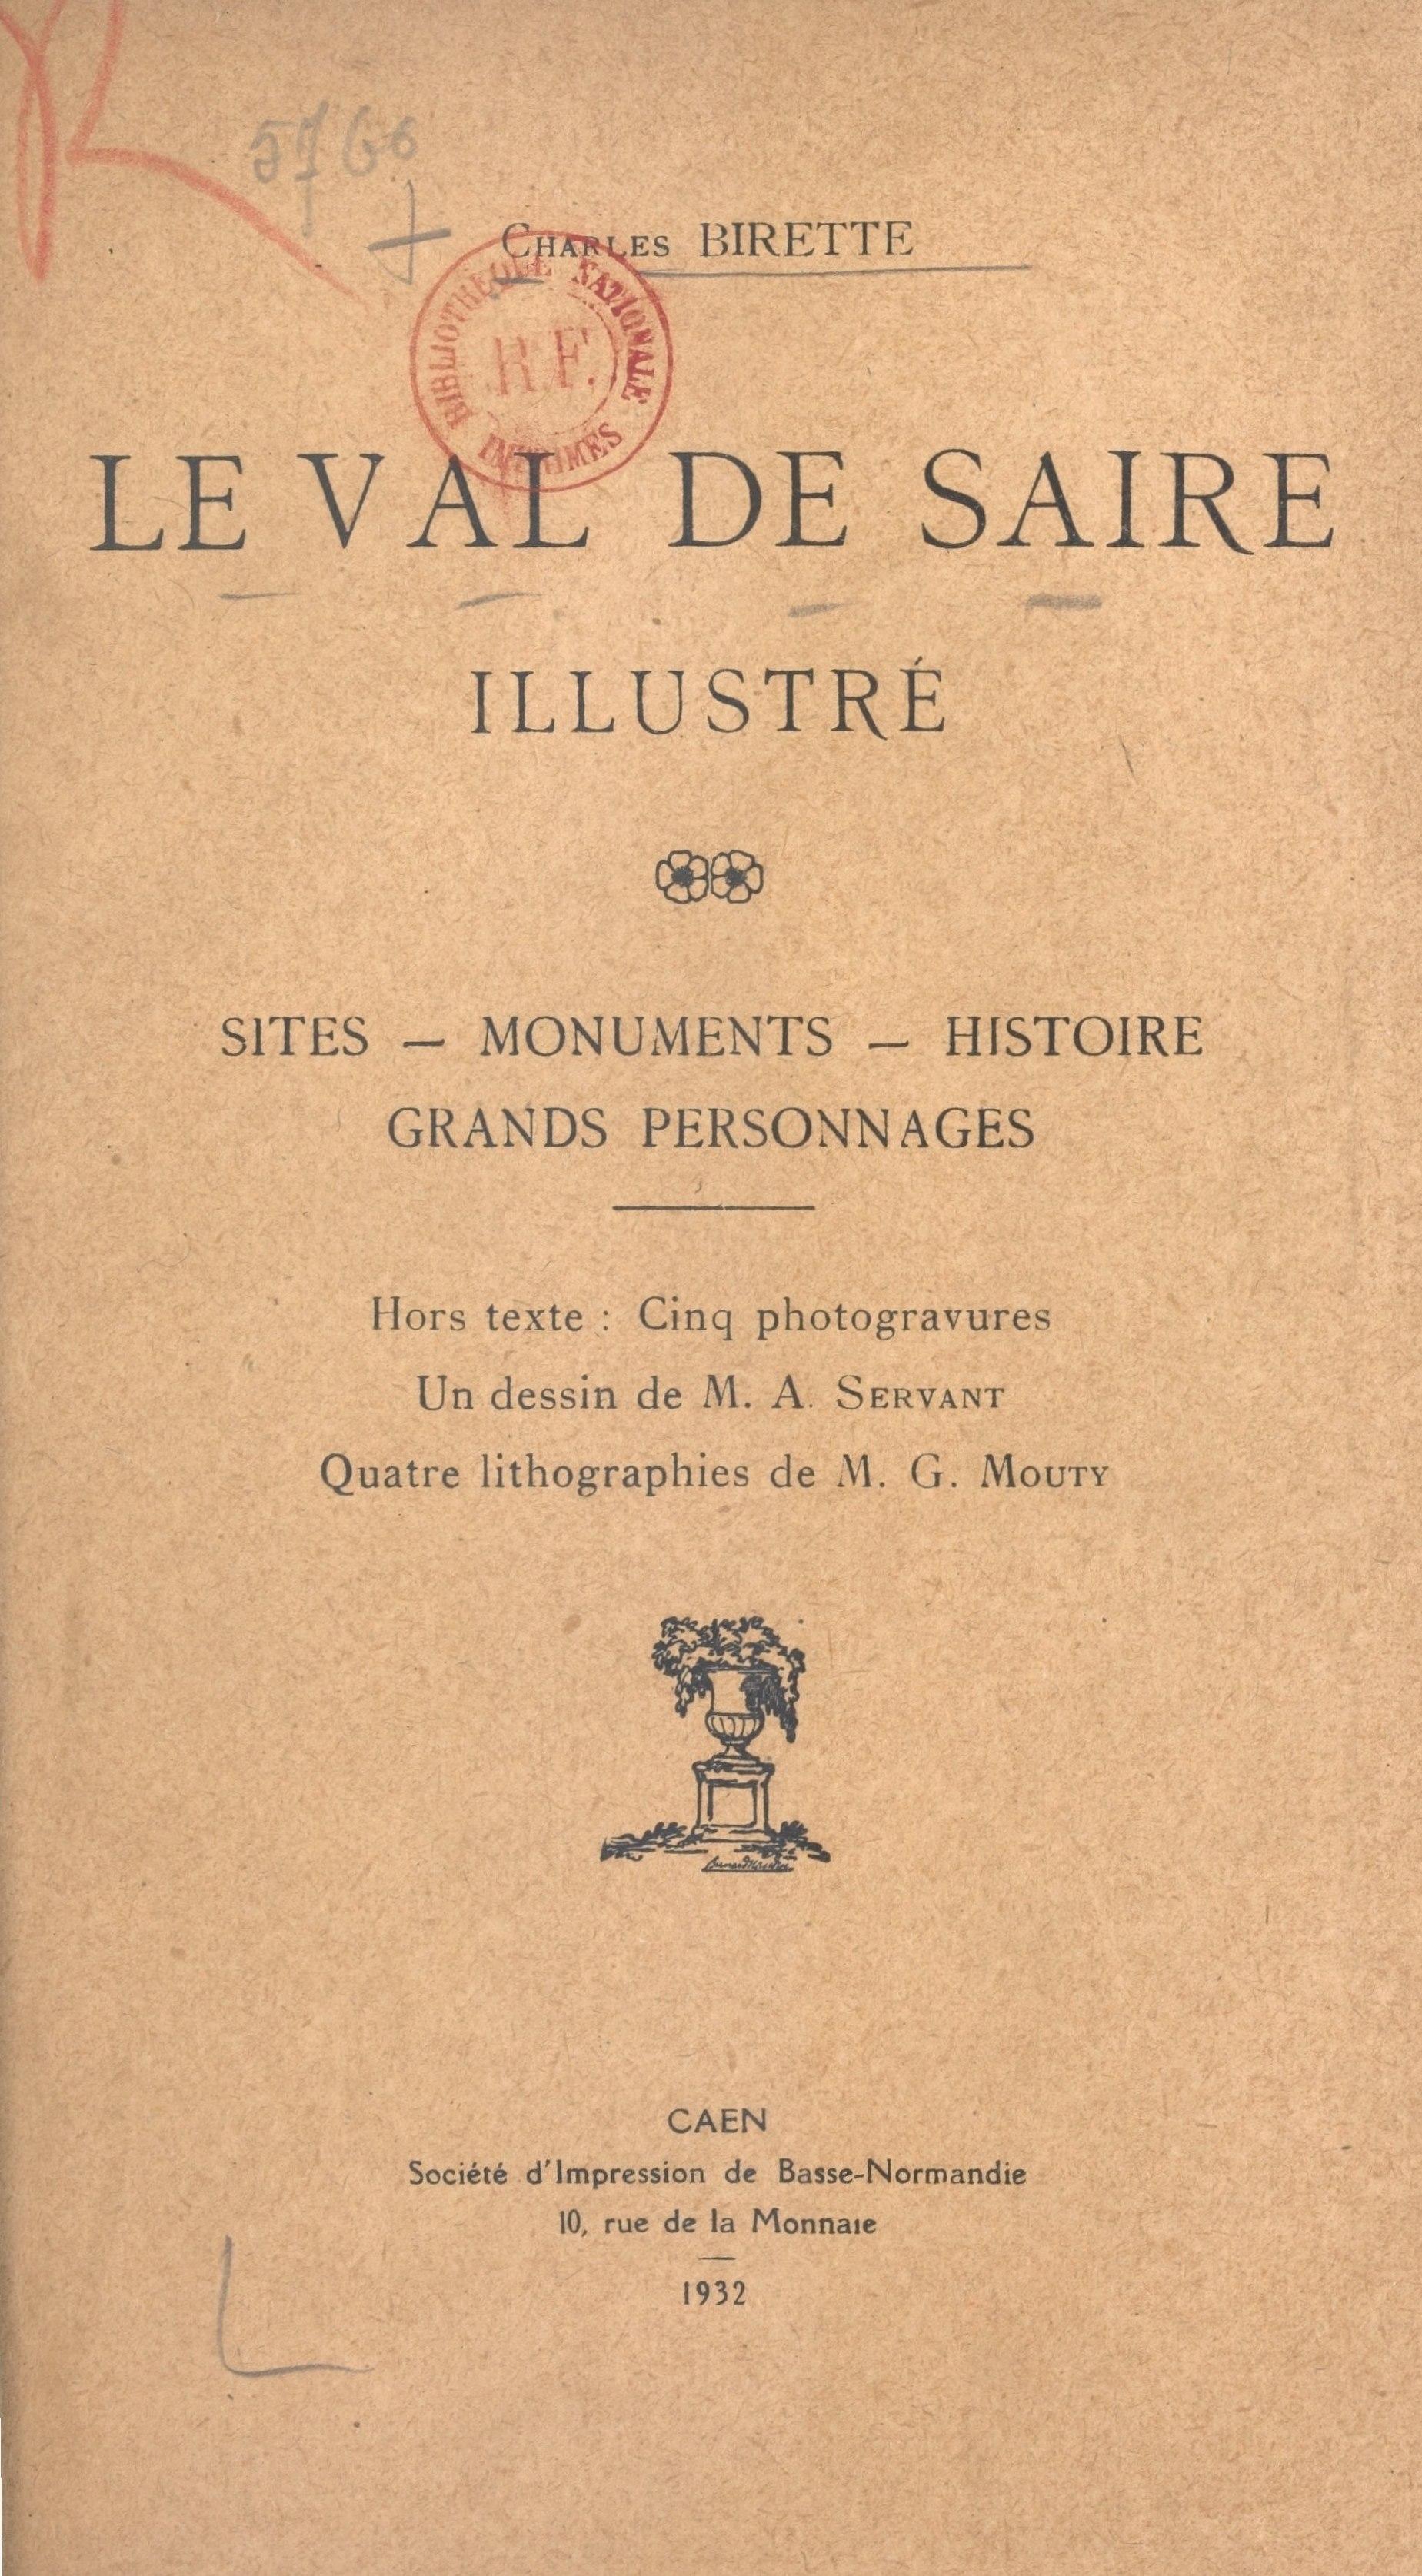 Le Val de Saire illustré, SITES, MONUMENTS, HISTOIRES, GRANDS PERSONNAGES